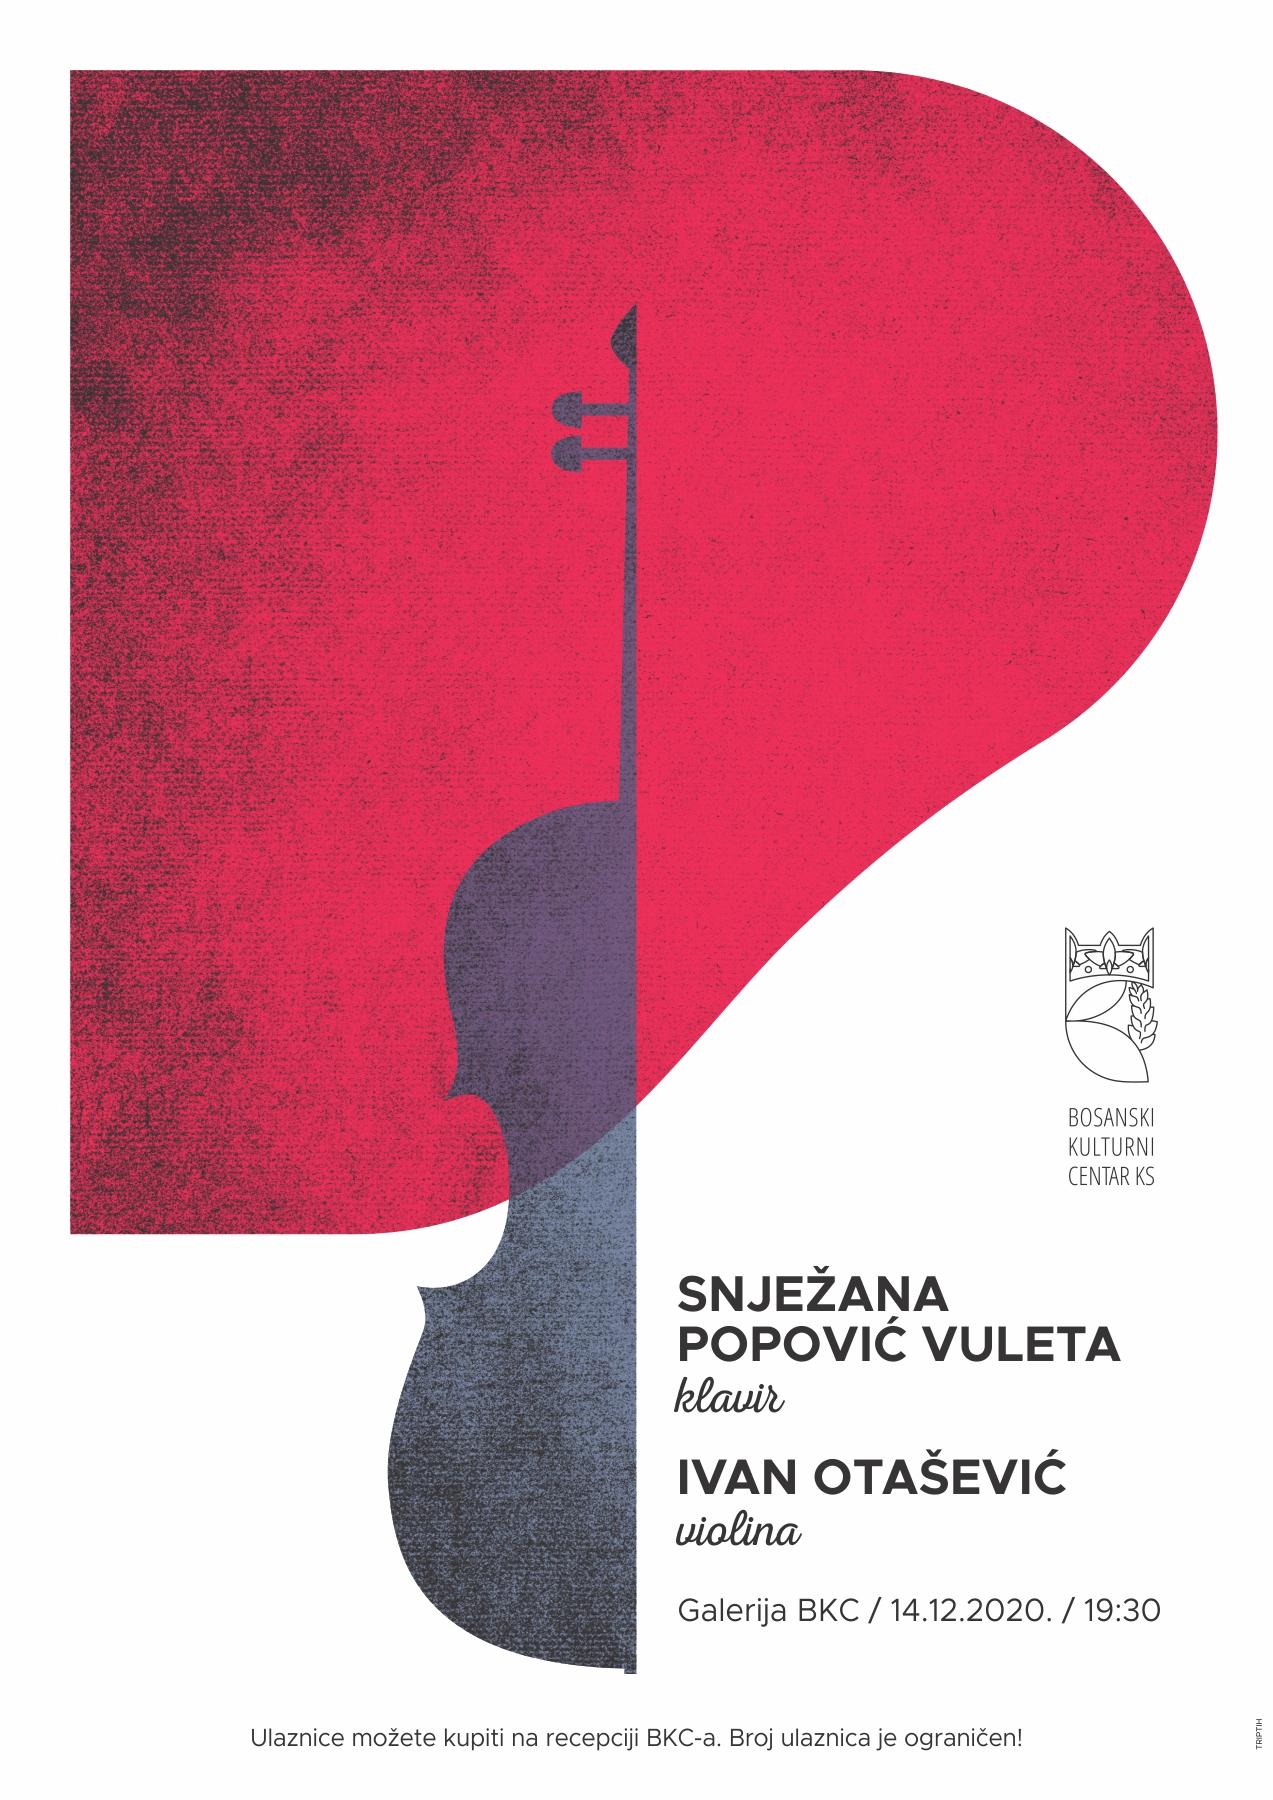 Koncert: Ivan Otašević, violina i Snježana Popović-Vuleta, klavir, 14. 12. 2020. u 19, 30 sati